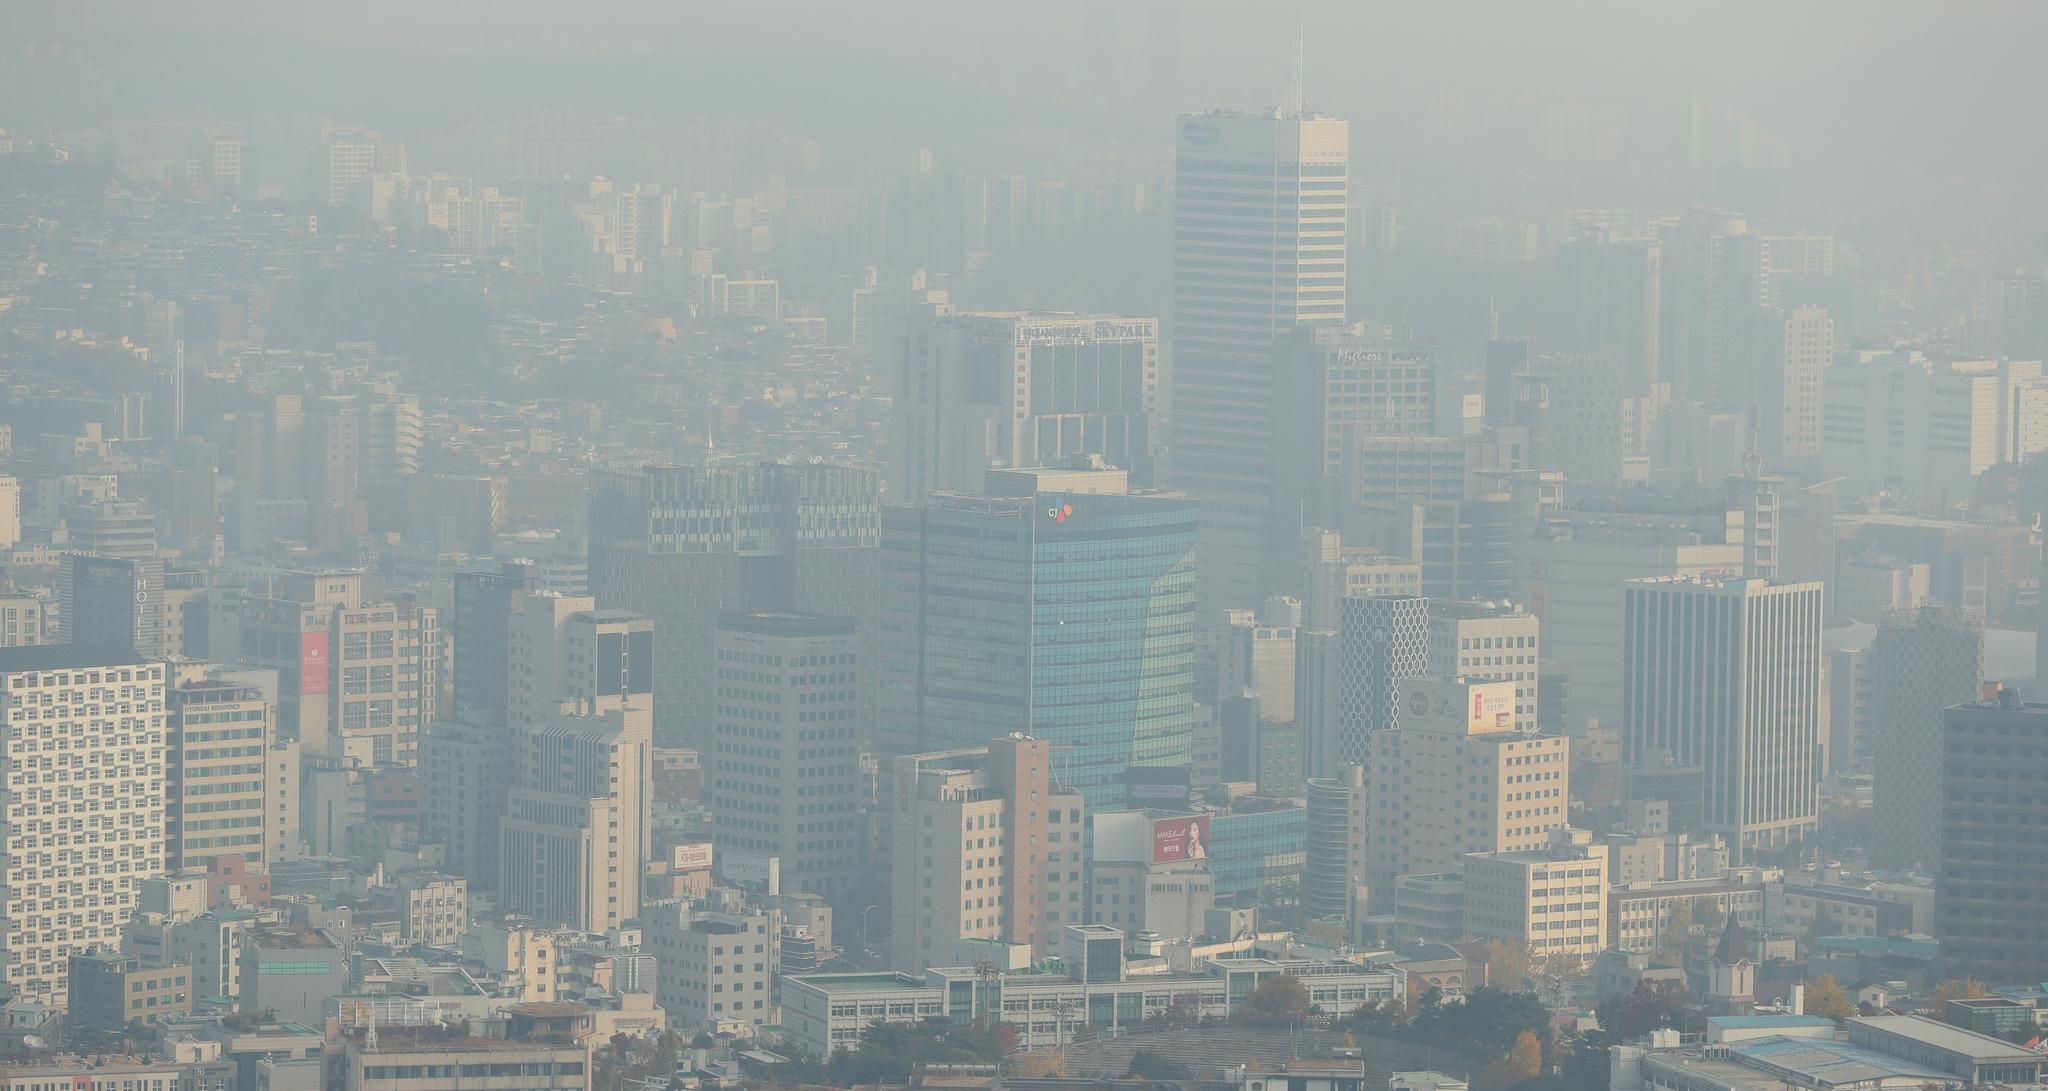 전국 대부분의 지역에서 미세먼지와 초미세먼지가 기승을 부린 지난 6일 오전 서울 남산에서 바라본 도심 [연합뉴스]